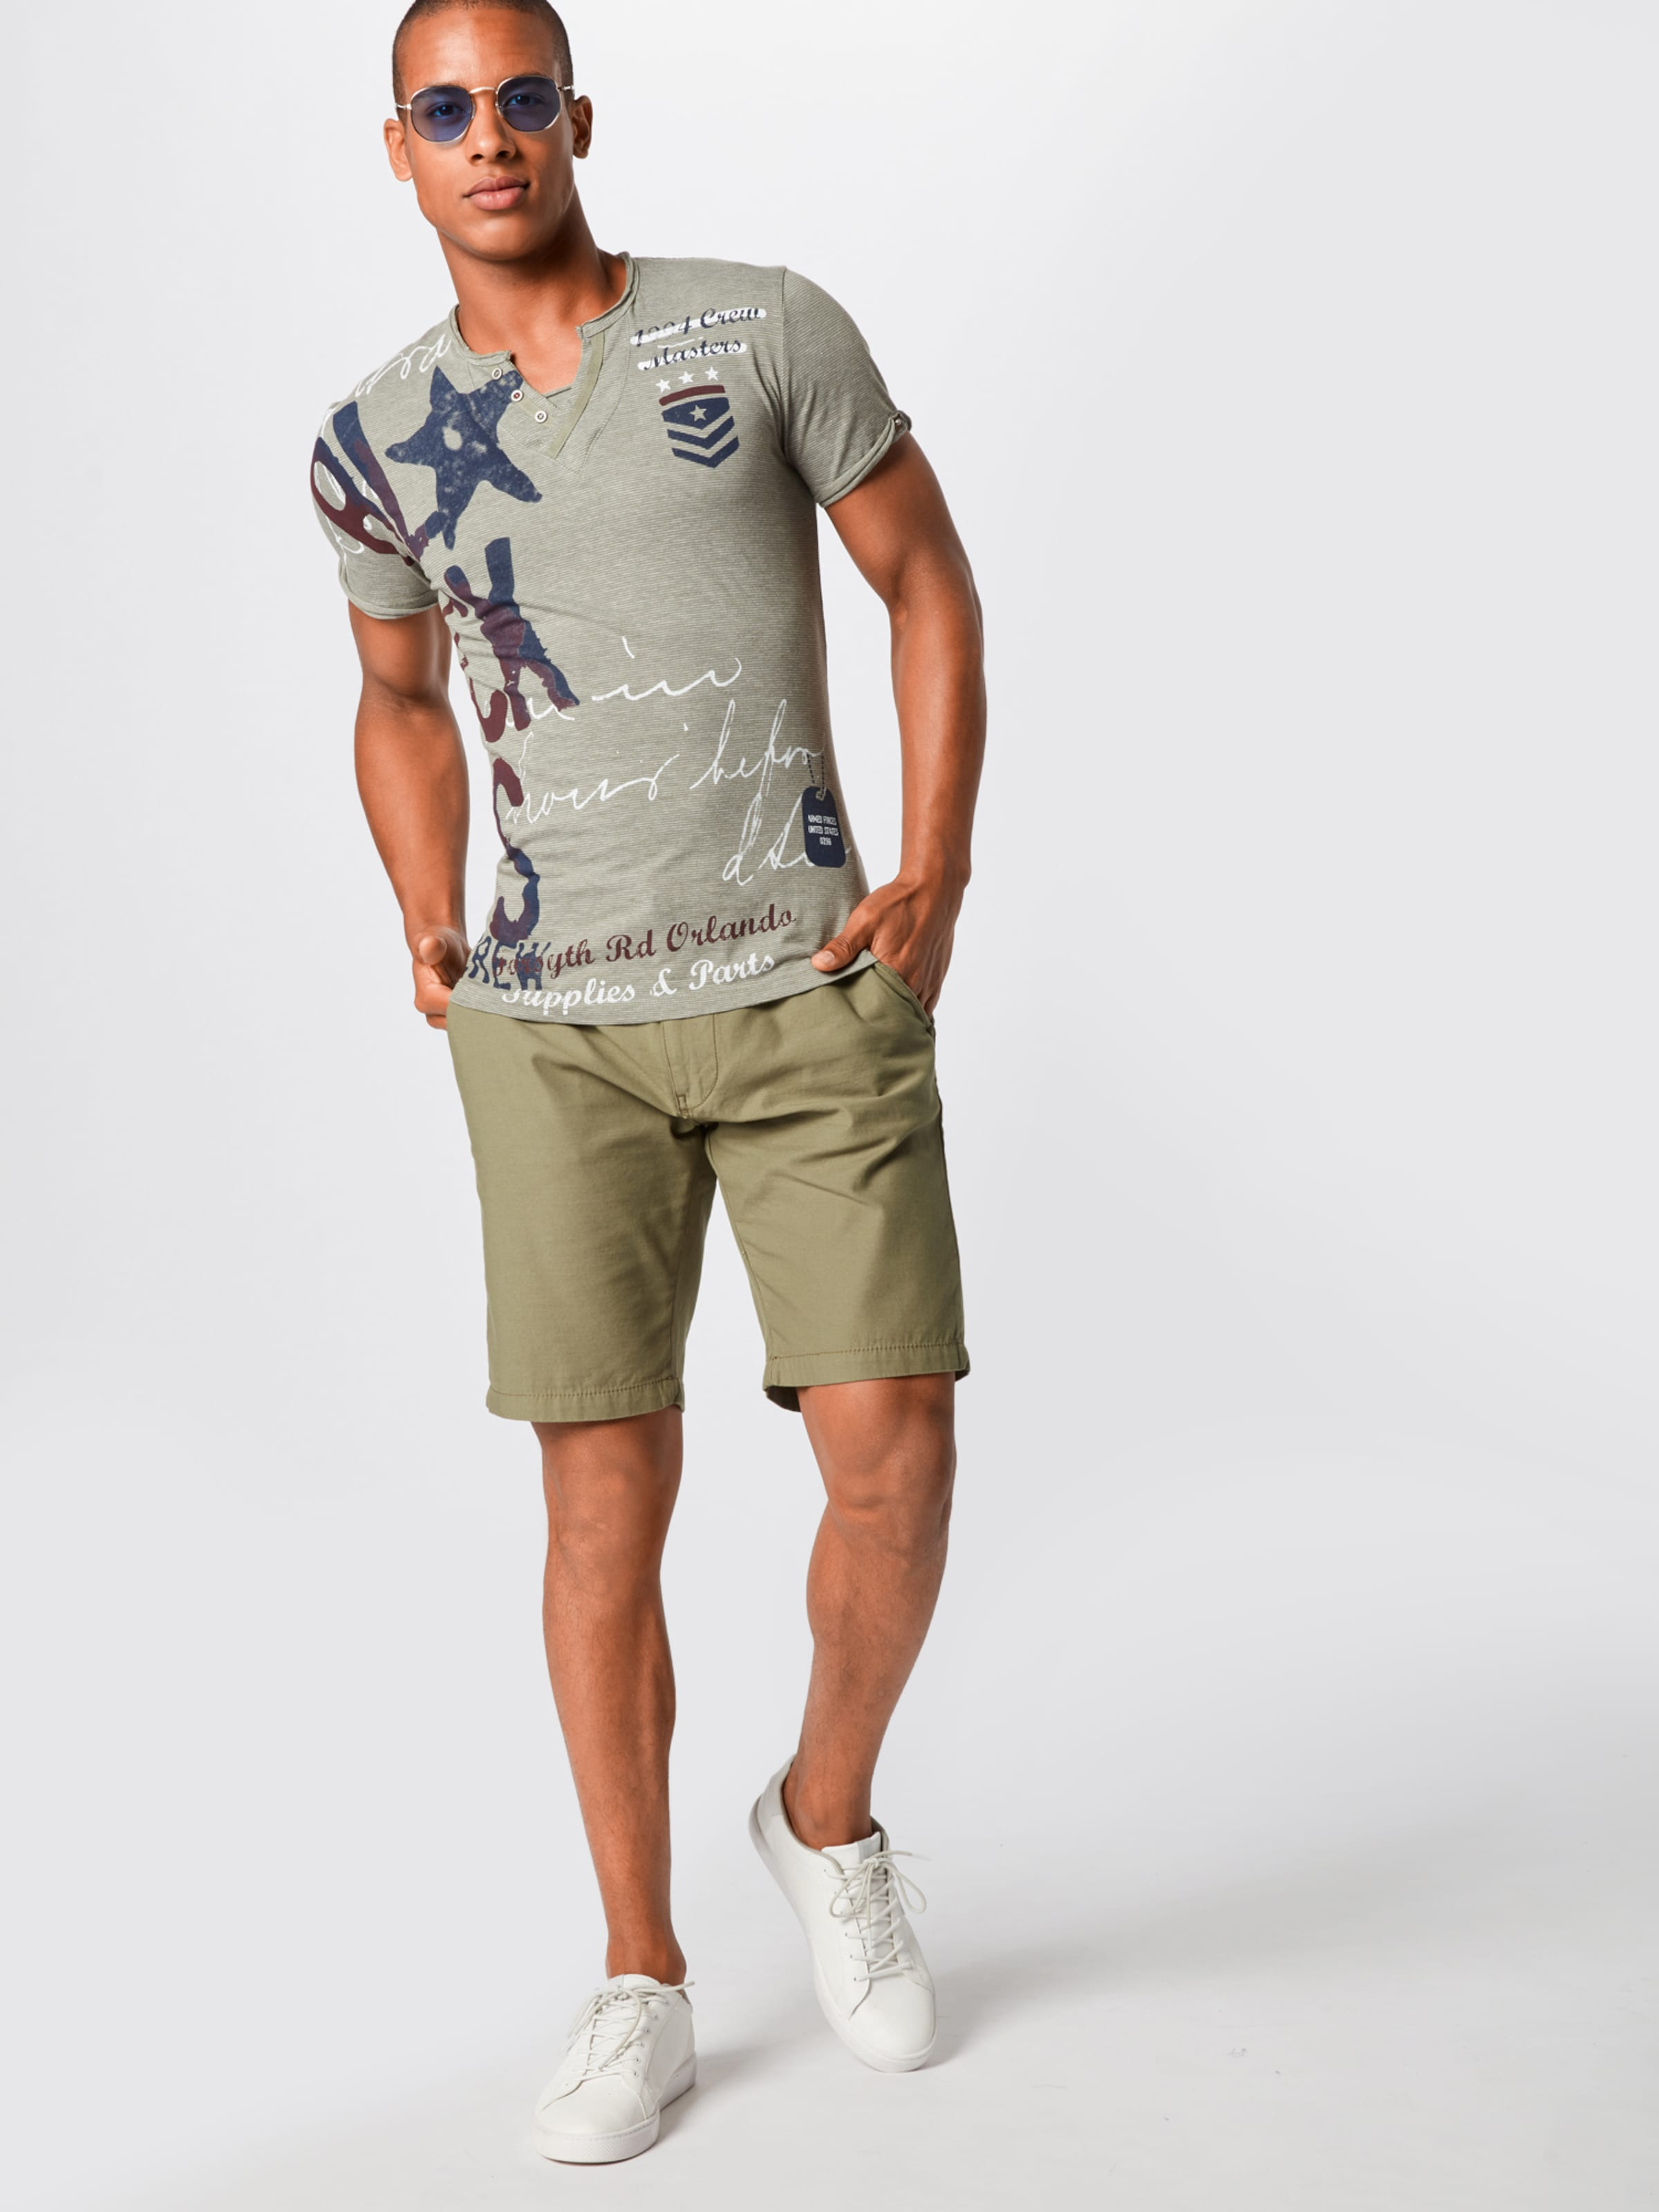 Largo Weiß DunkelblauOliv In Key Shirt rBoedCxW